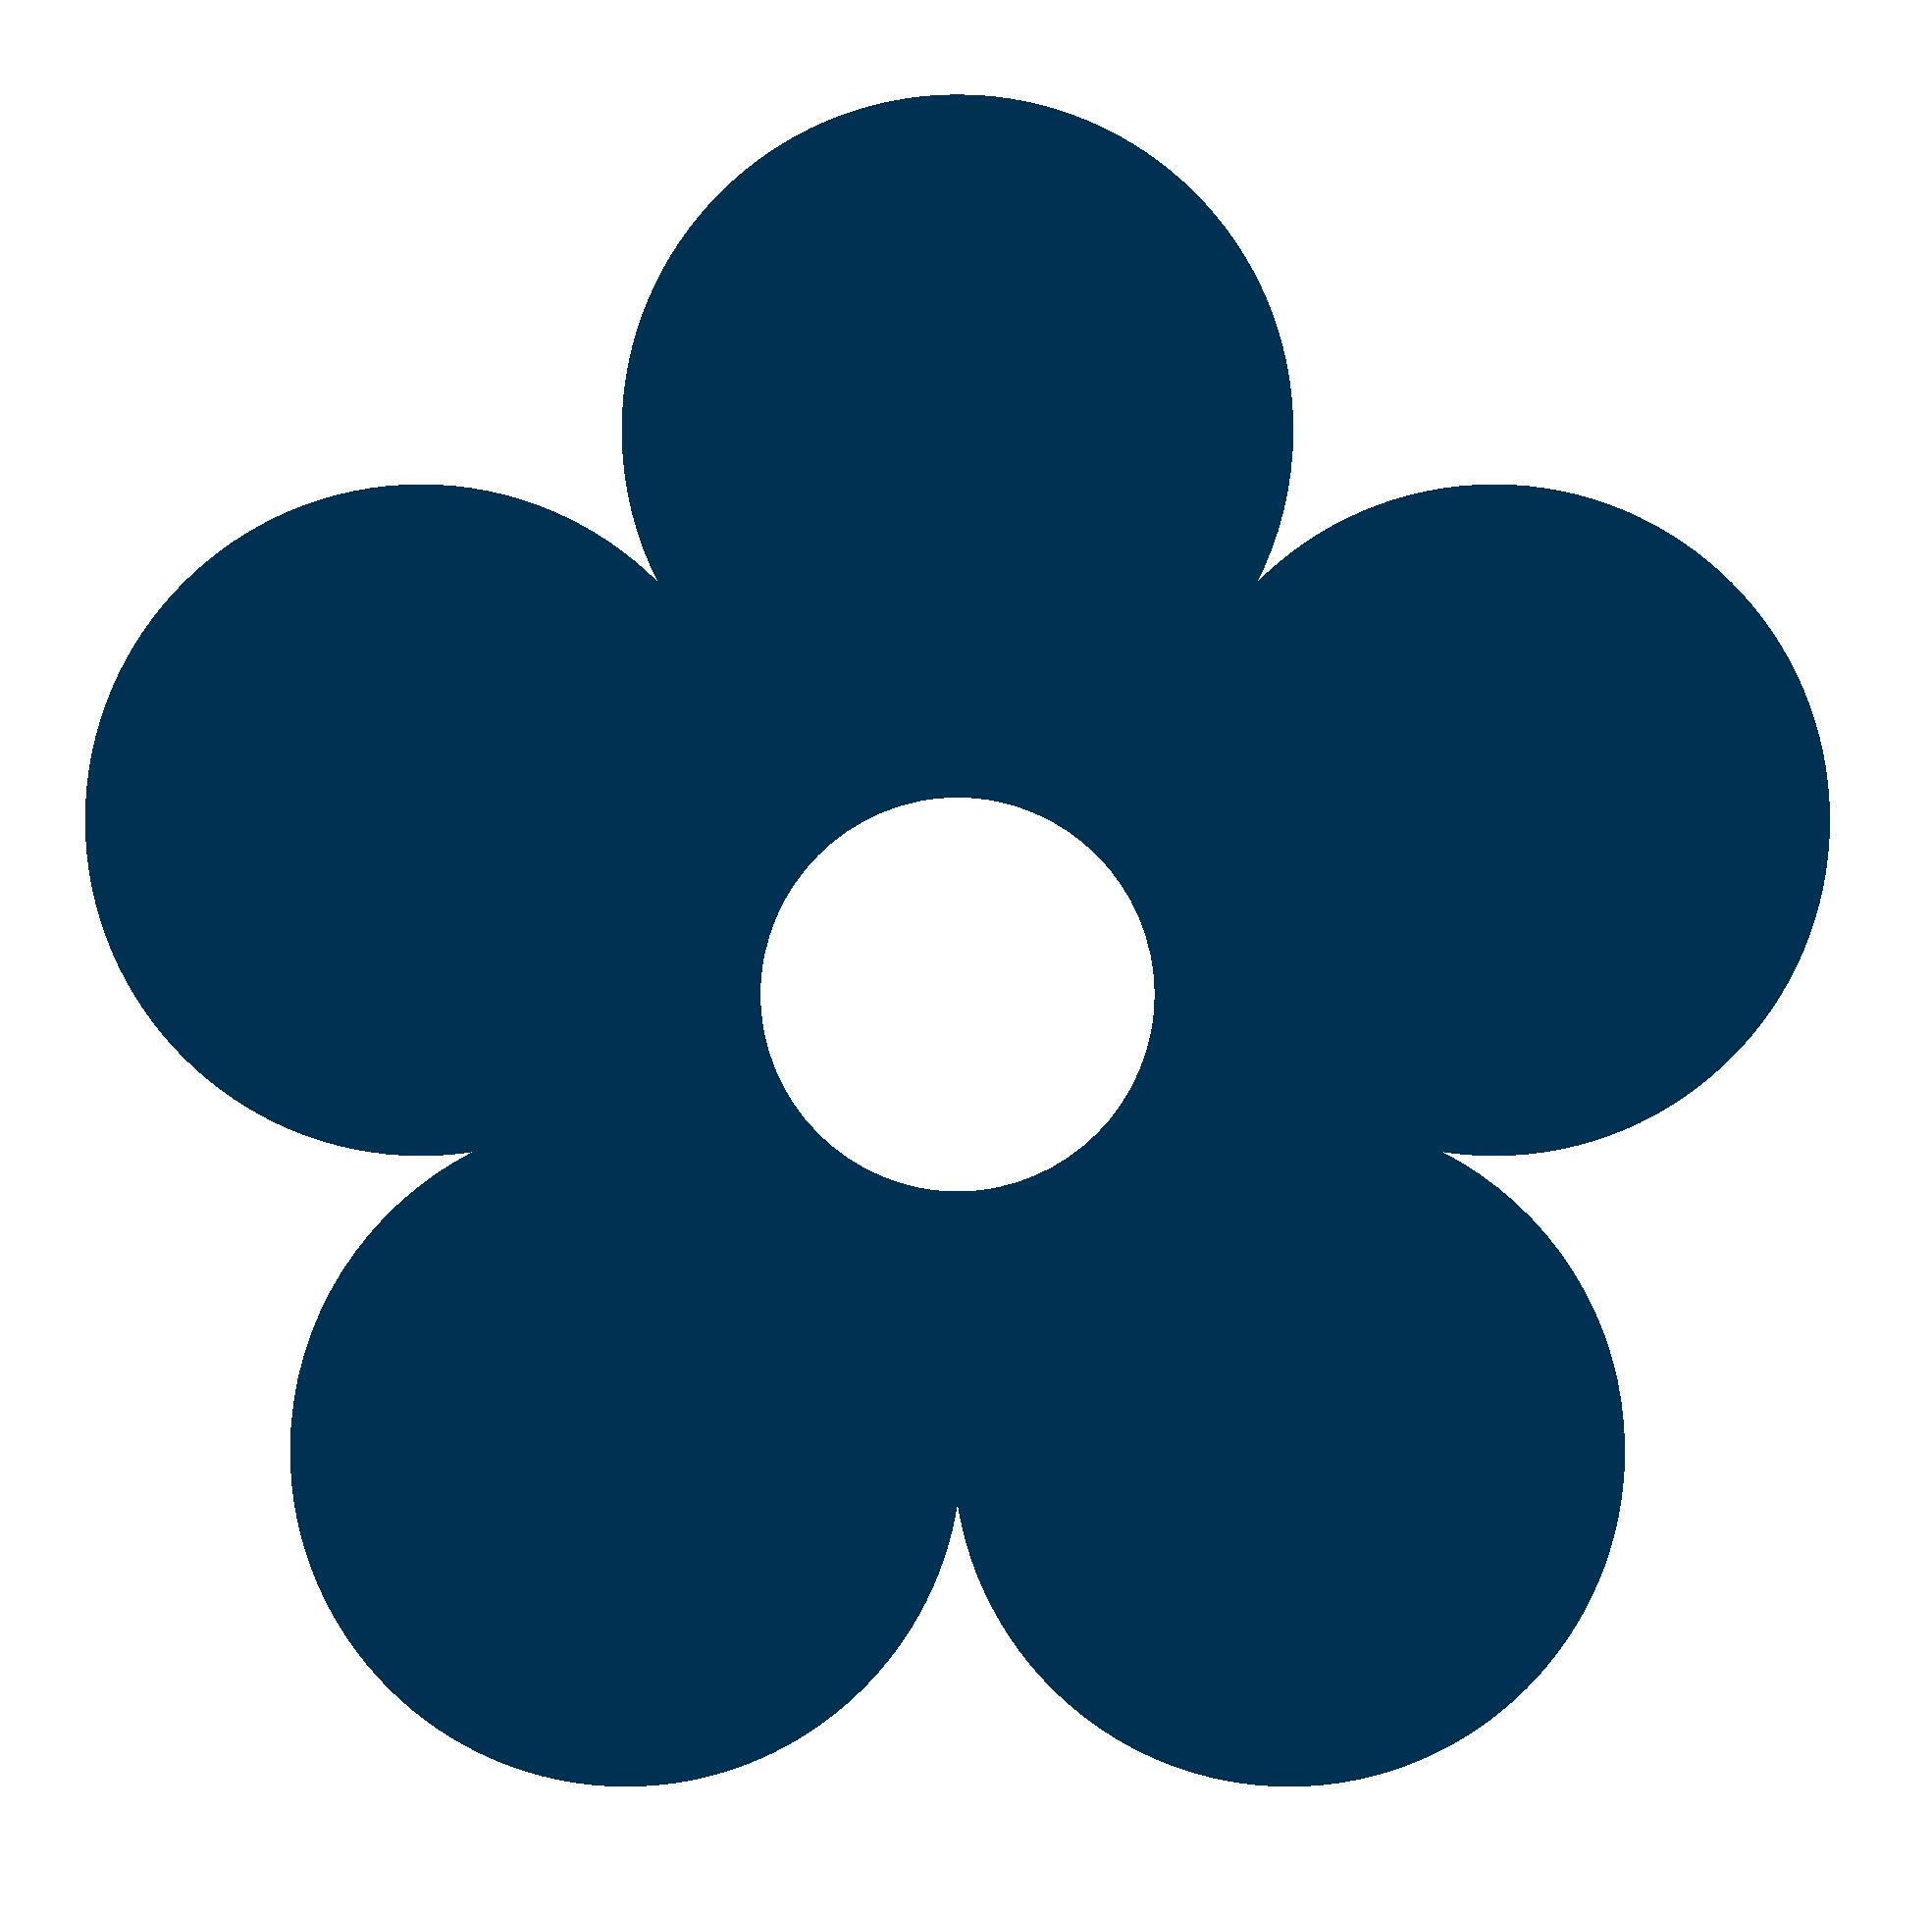 Simple clipart blue flower #4